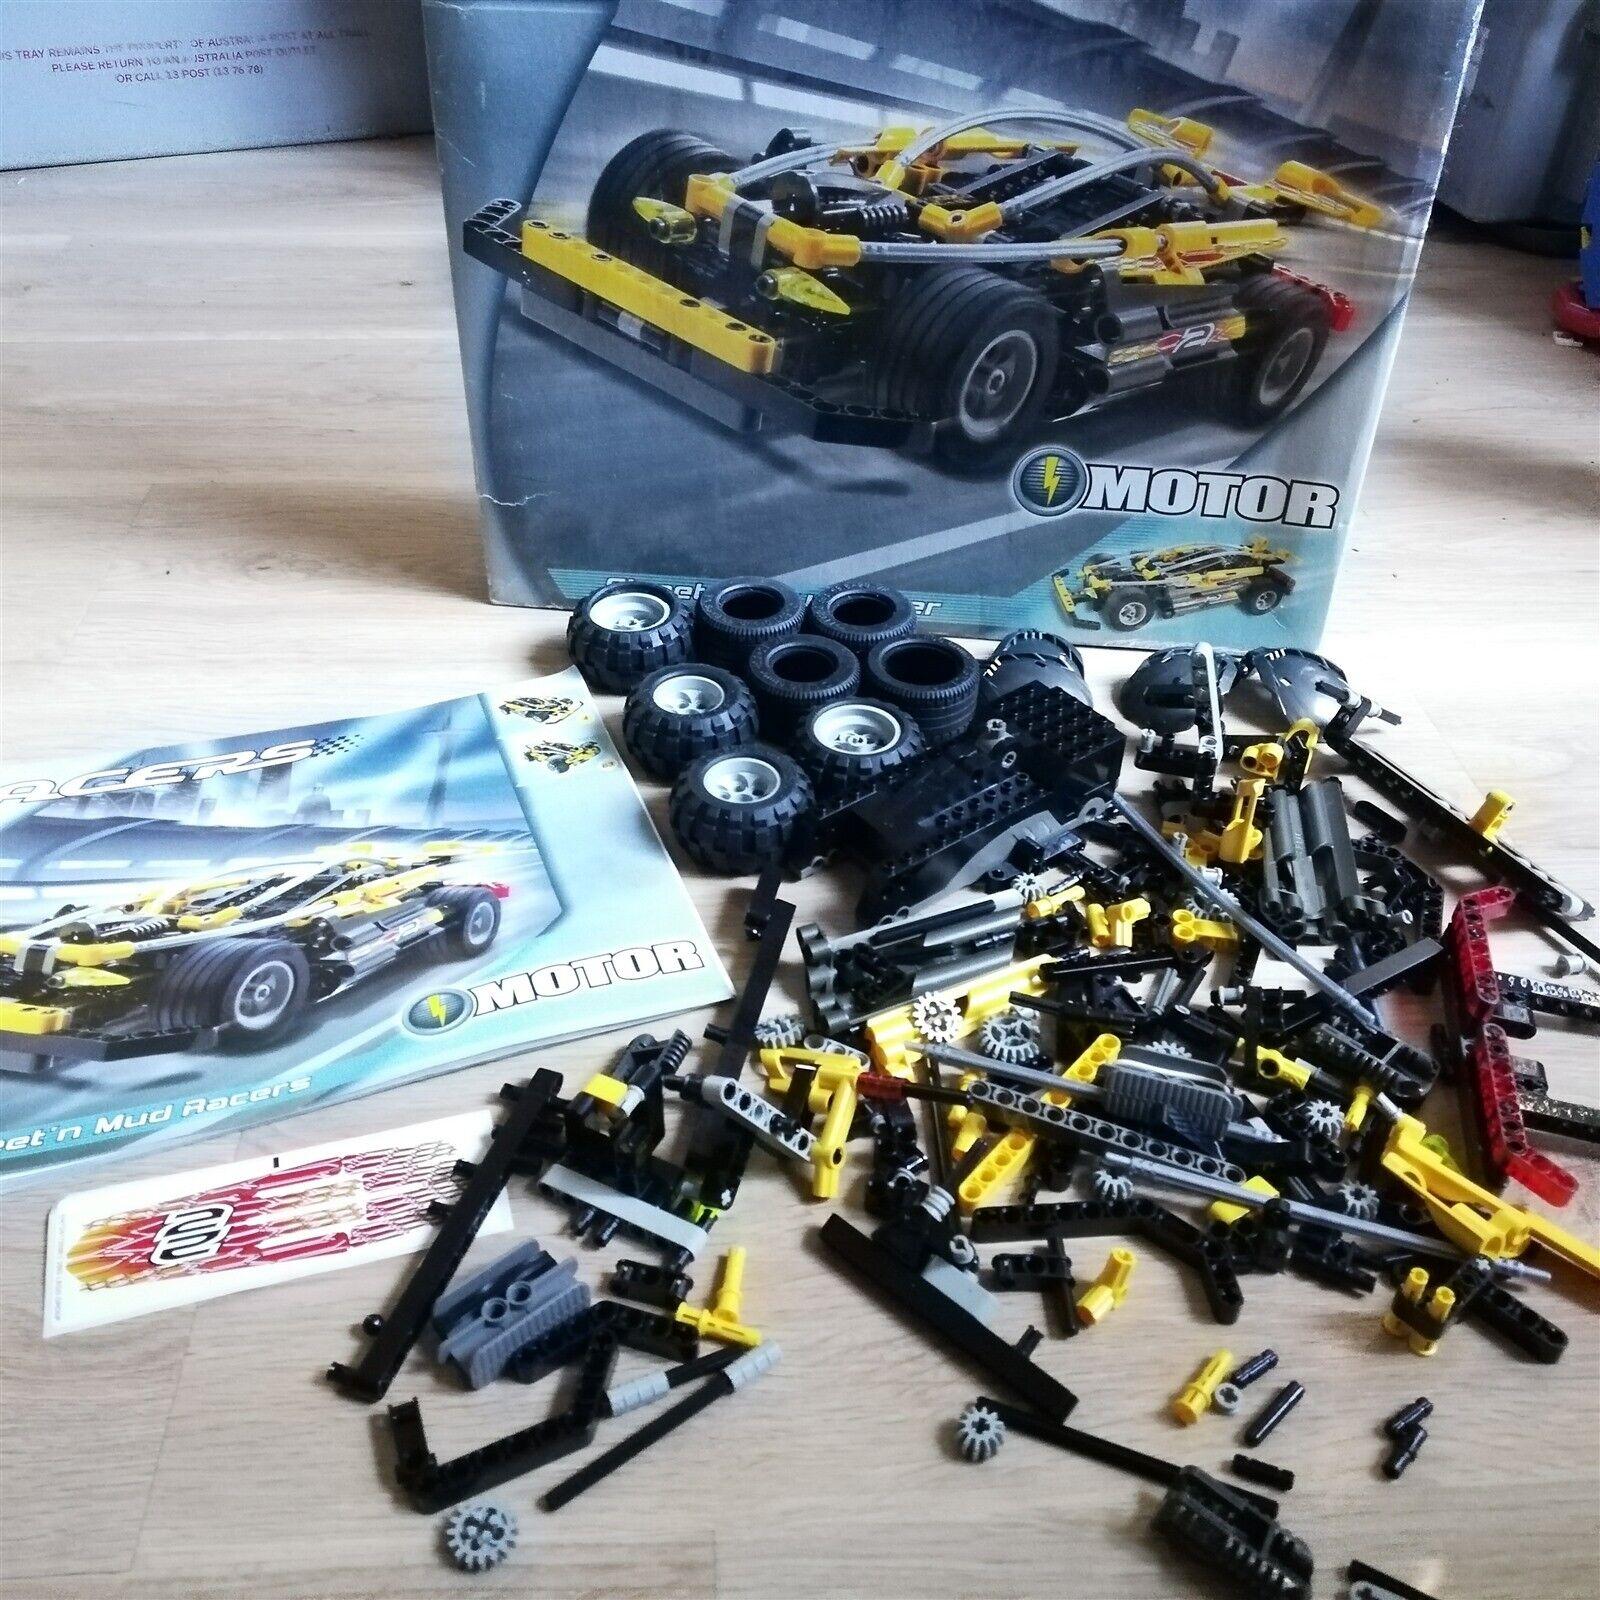 LEGO - Racers - Street  'n' Mud Racer - 8472 Excellent  spedizione gratuita in tutto il mondo